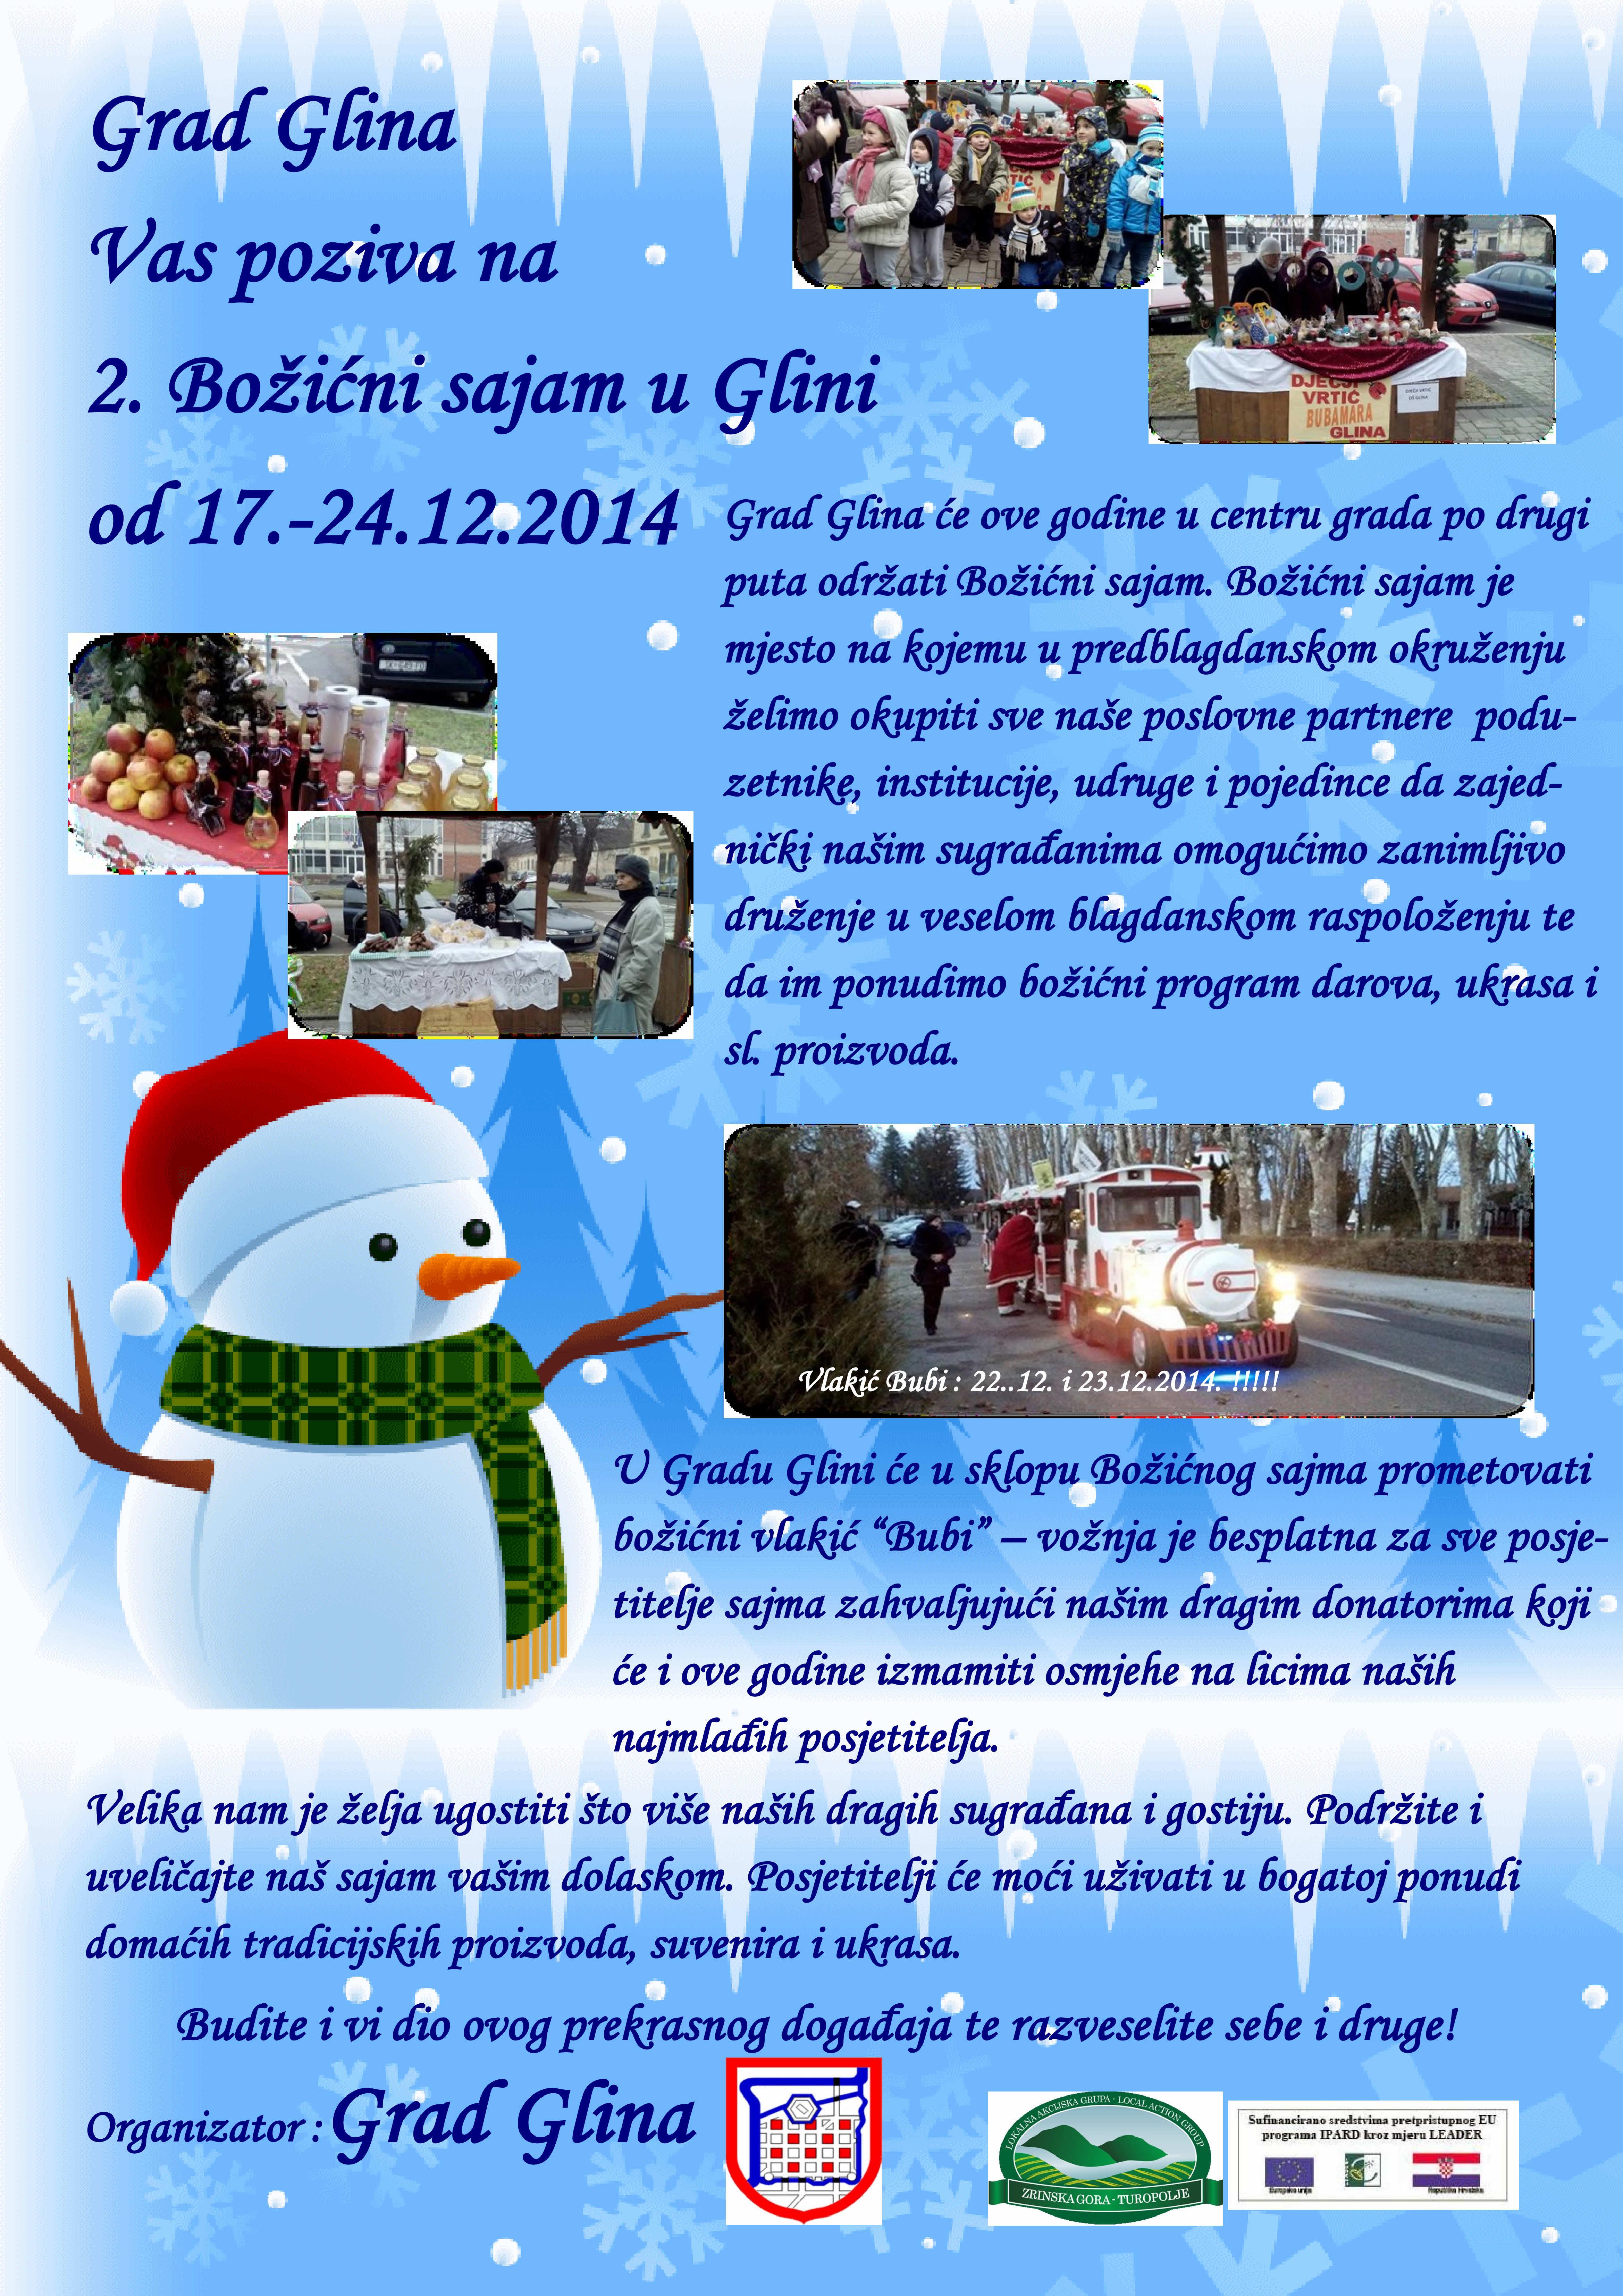 Grad Glina Vas poziva na  2. Božićni sajam u Glini  od 17-24.12.2014